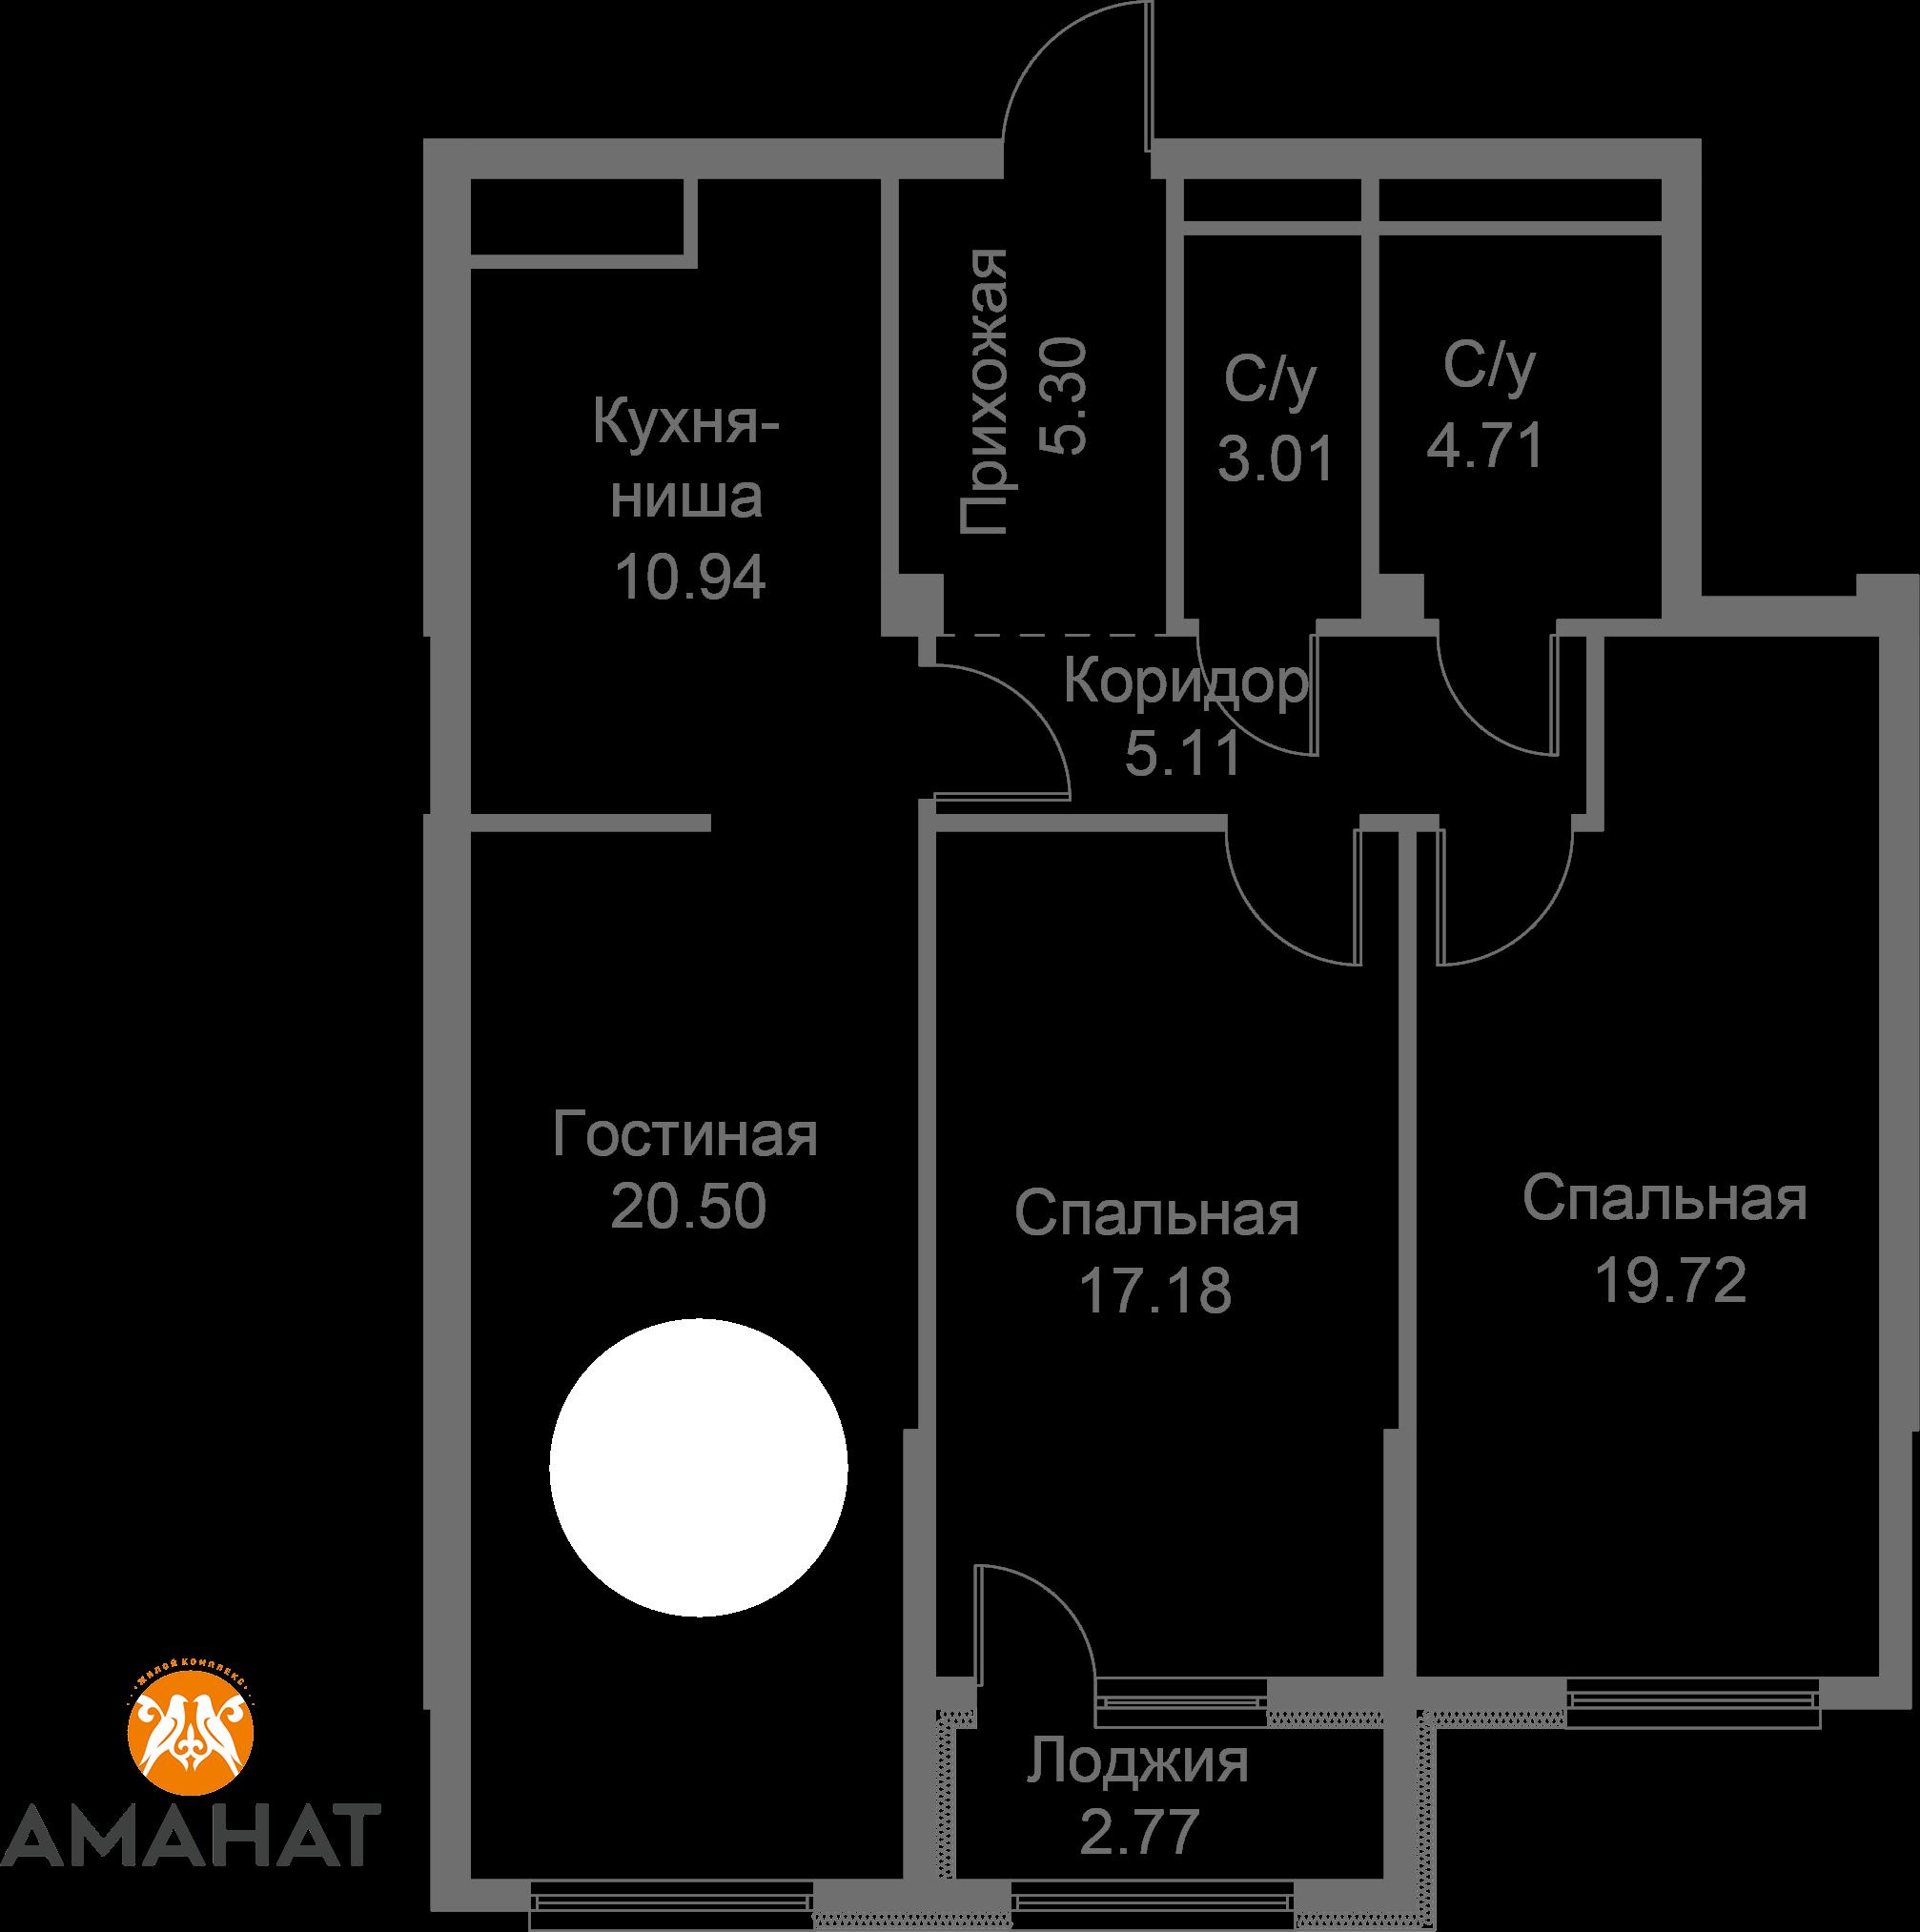 Квартира 314